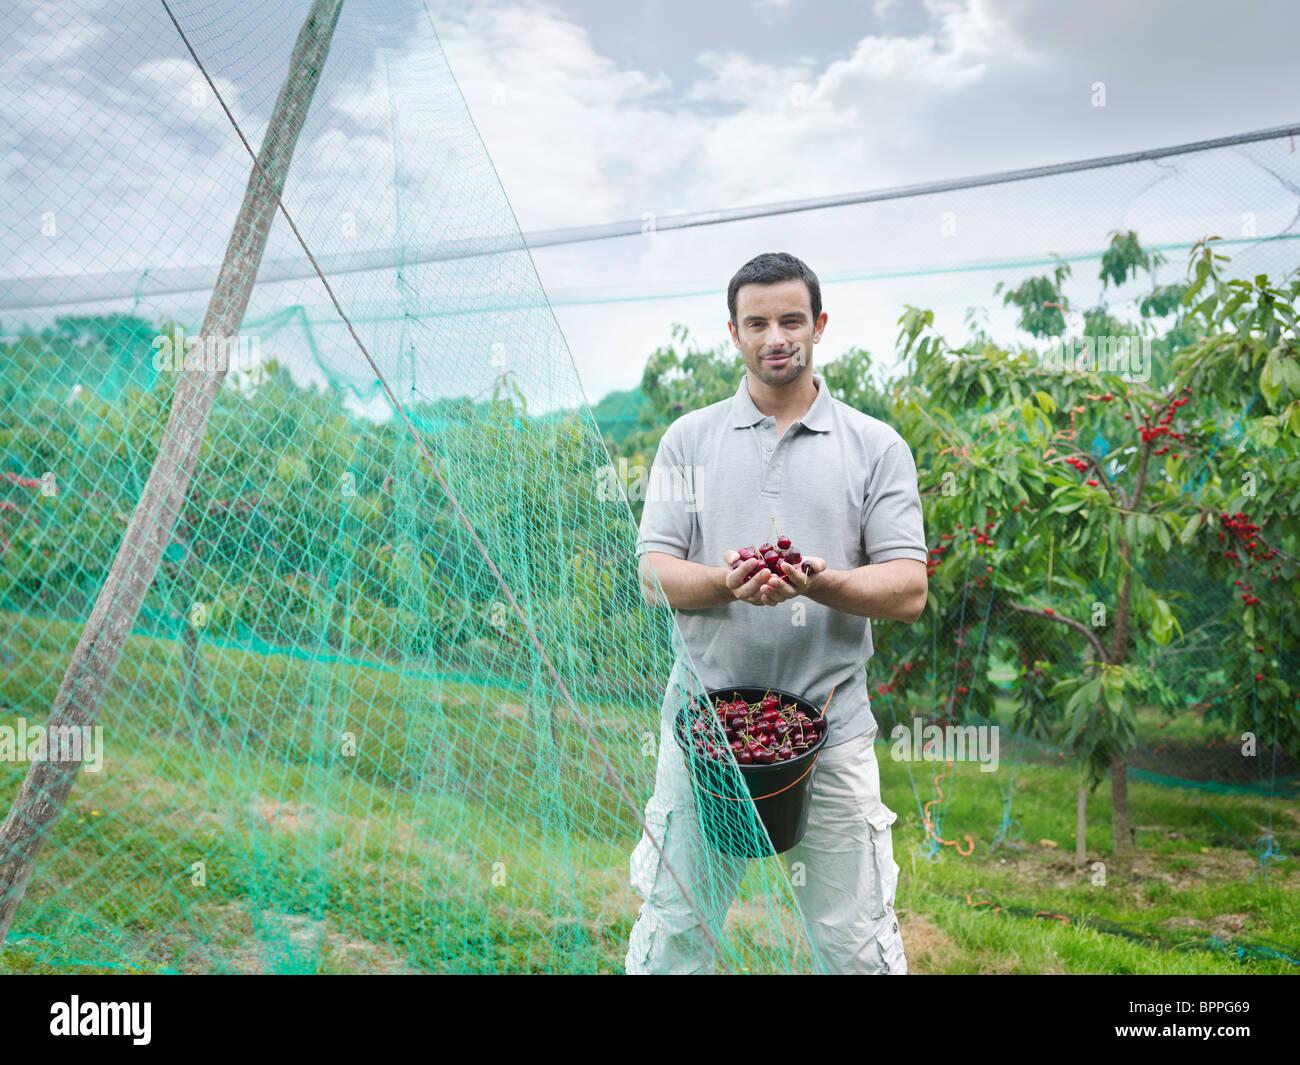 Mann mit Eimer Kirschen im Obstgarten Stockbild